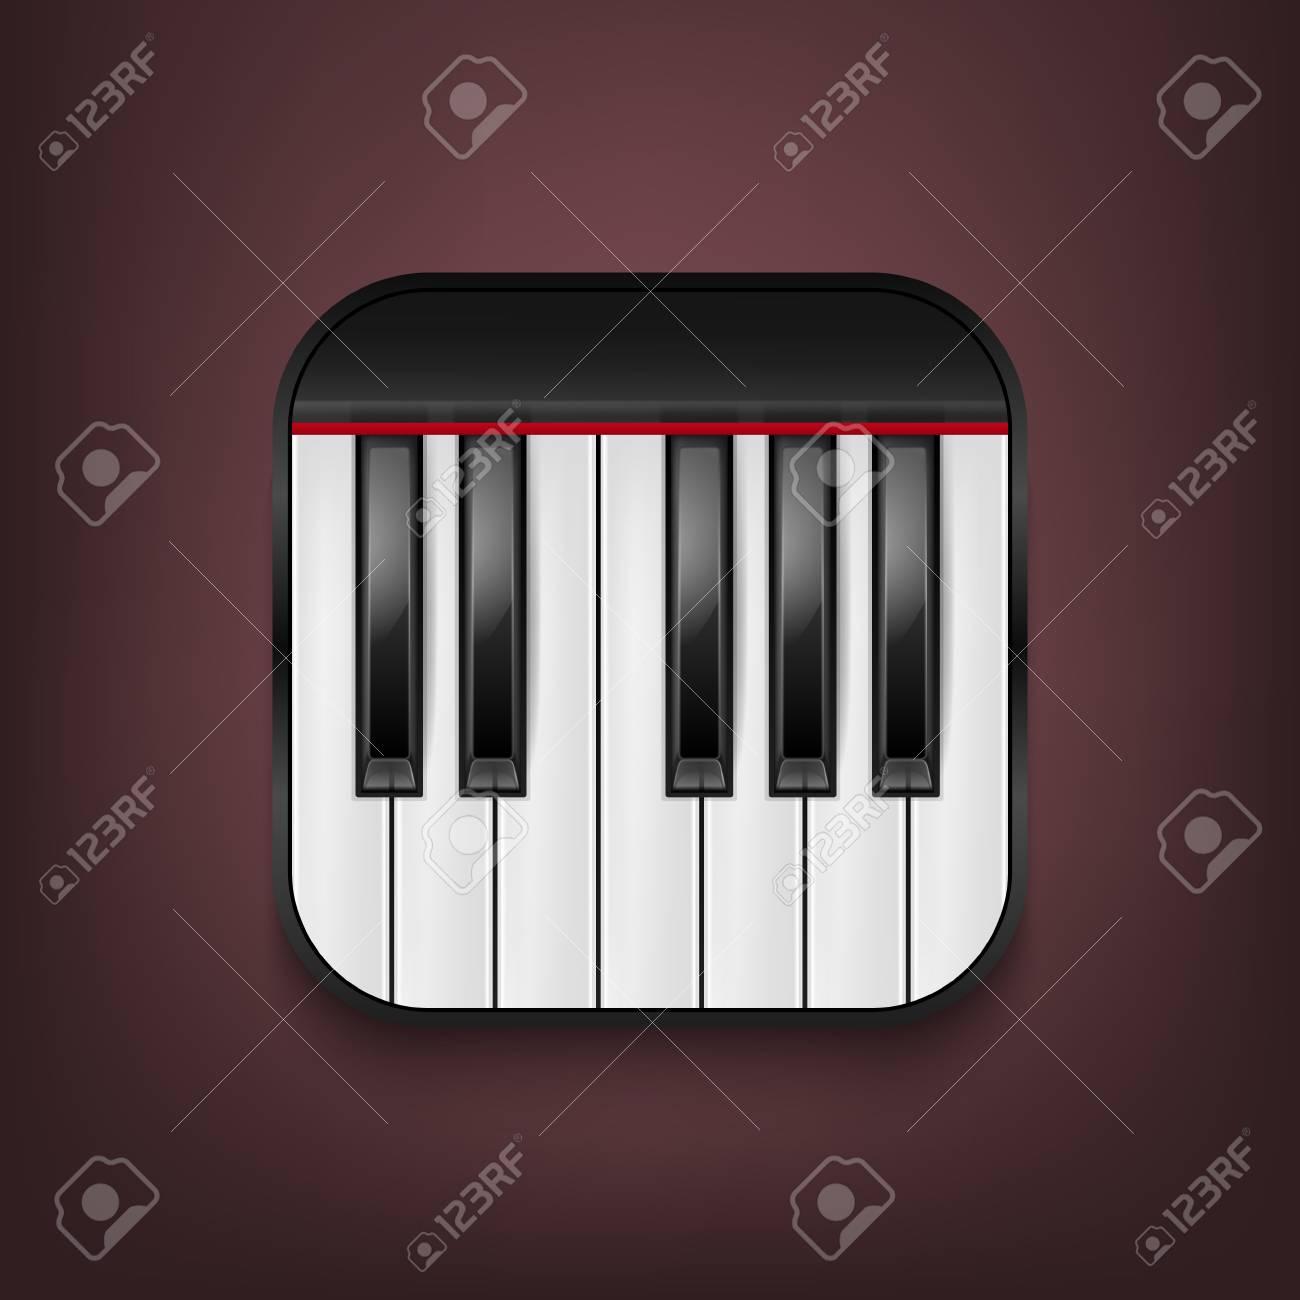 Icono De Teclado De Piano Fotorealista De Vector. Plantilla De ...